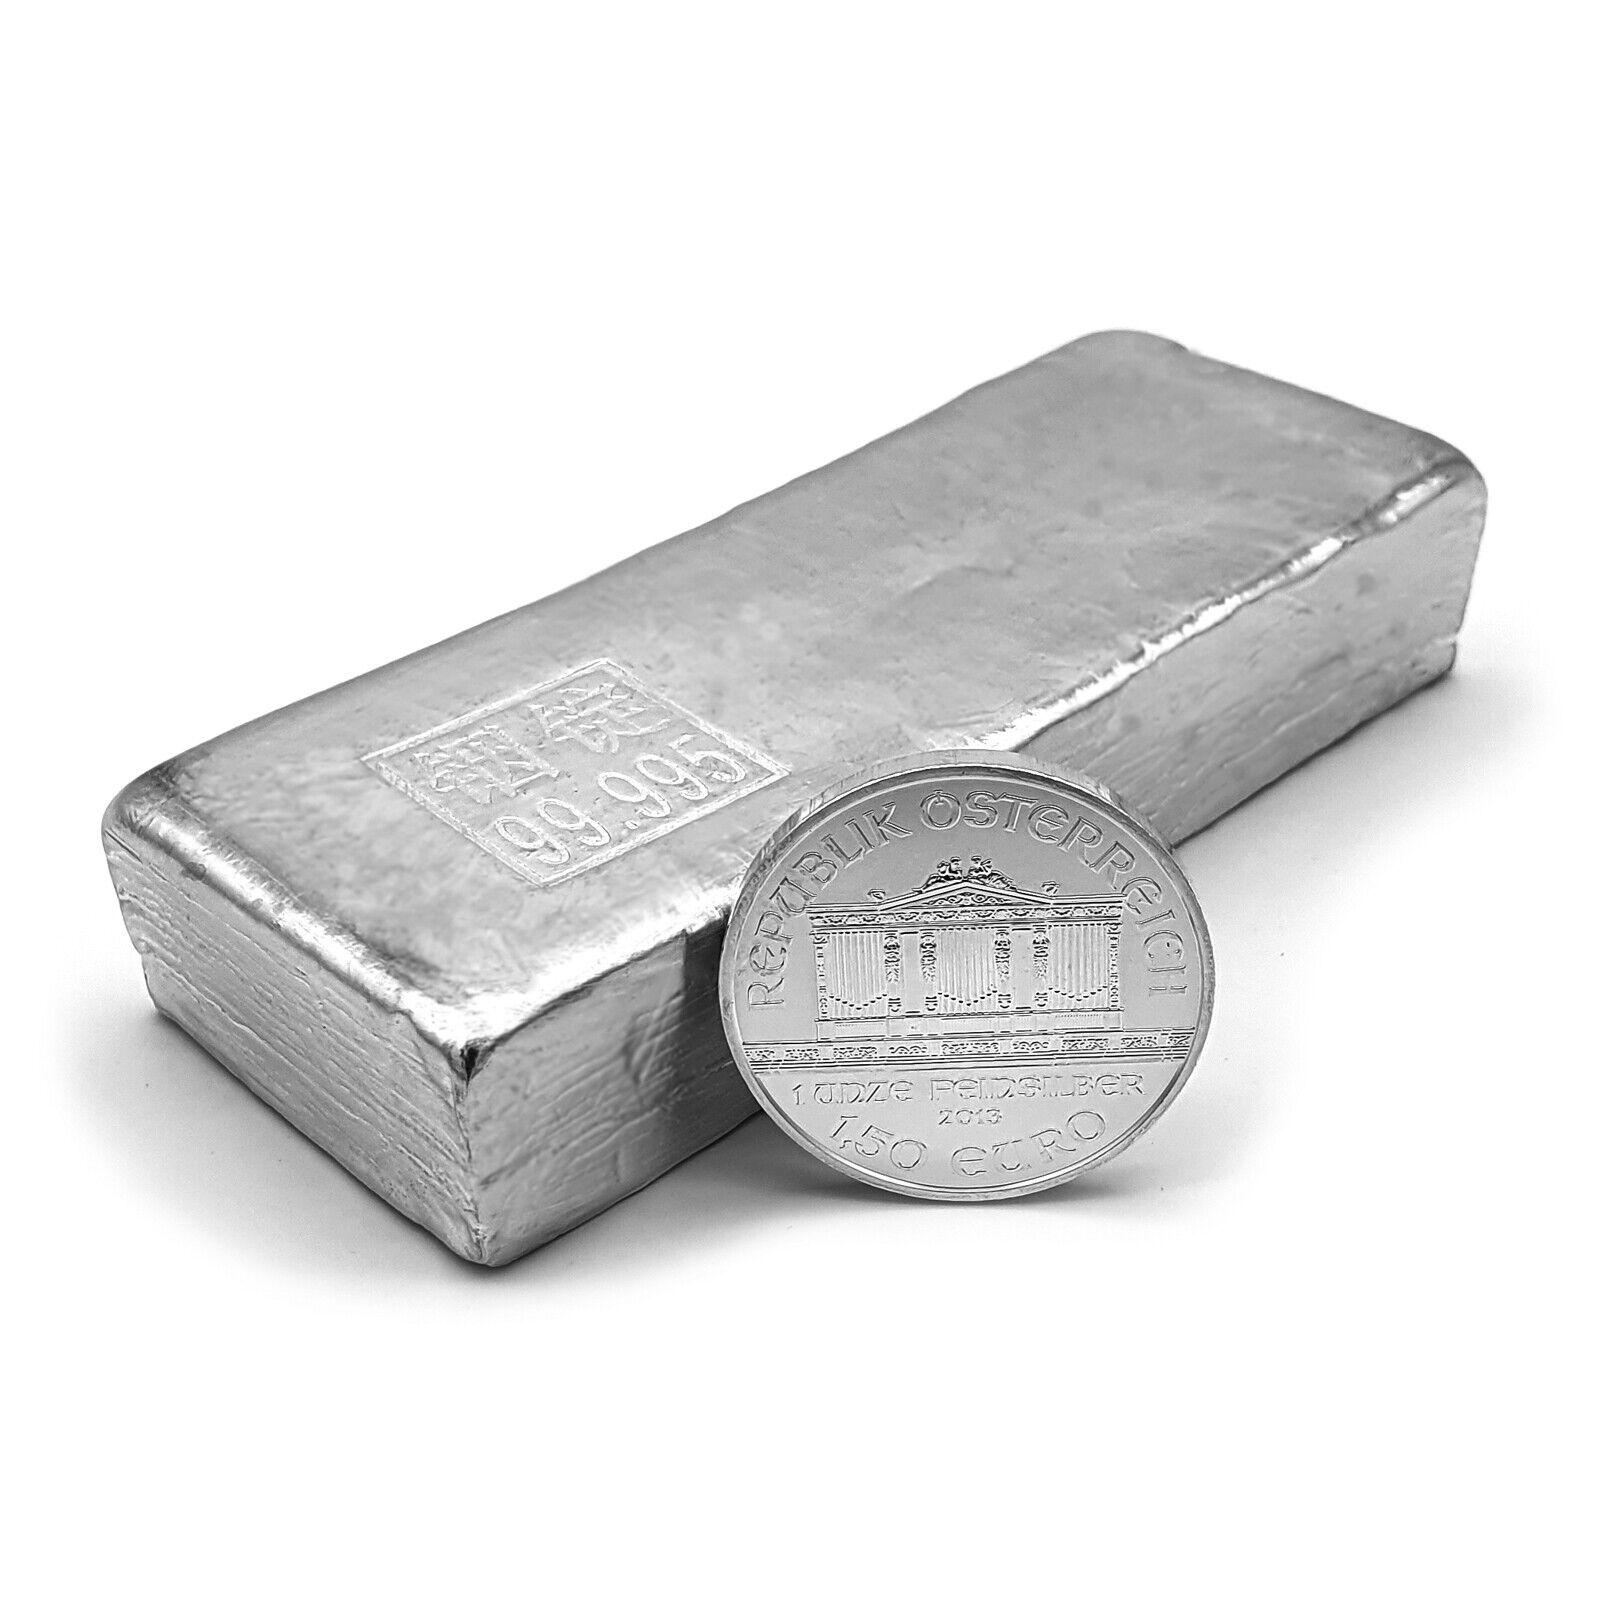 1 kg Indium Metall Barren 99,995 4N5 aus DE, 1000 g Metal Ingot High Purity